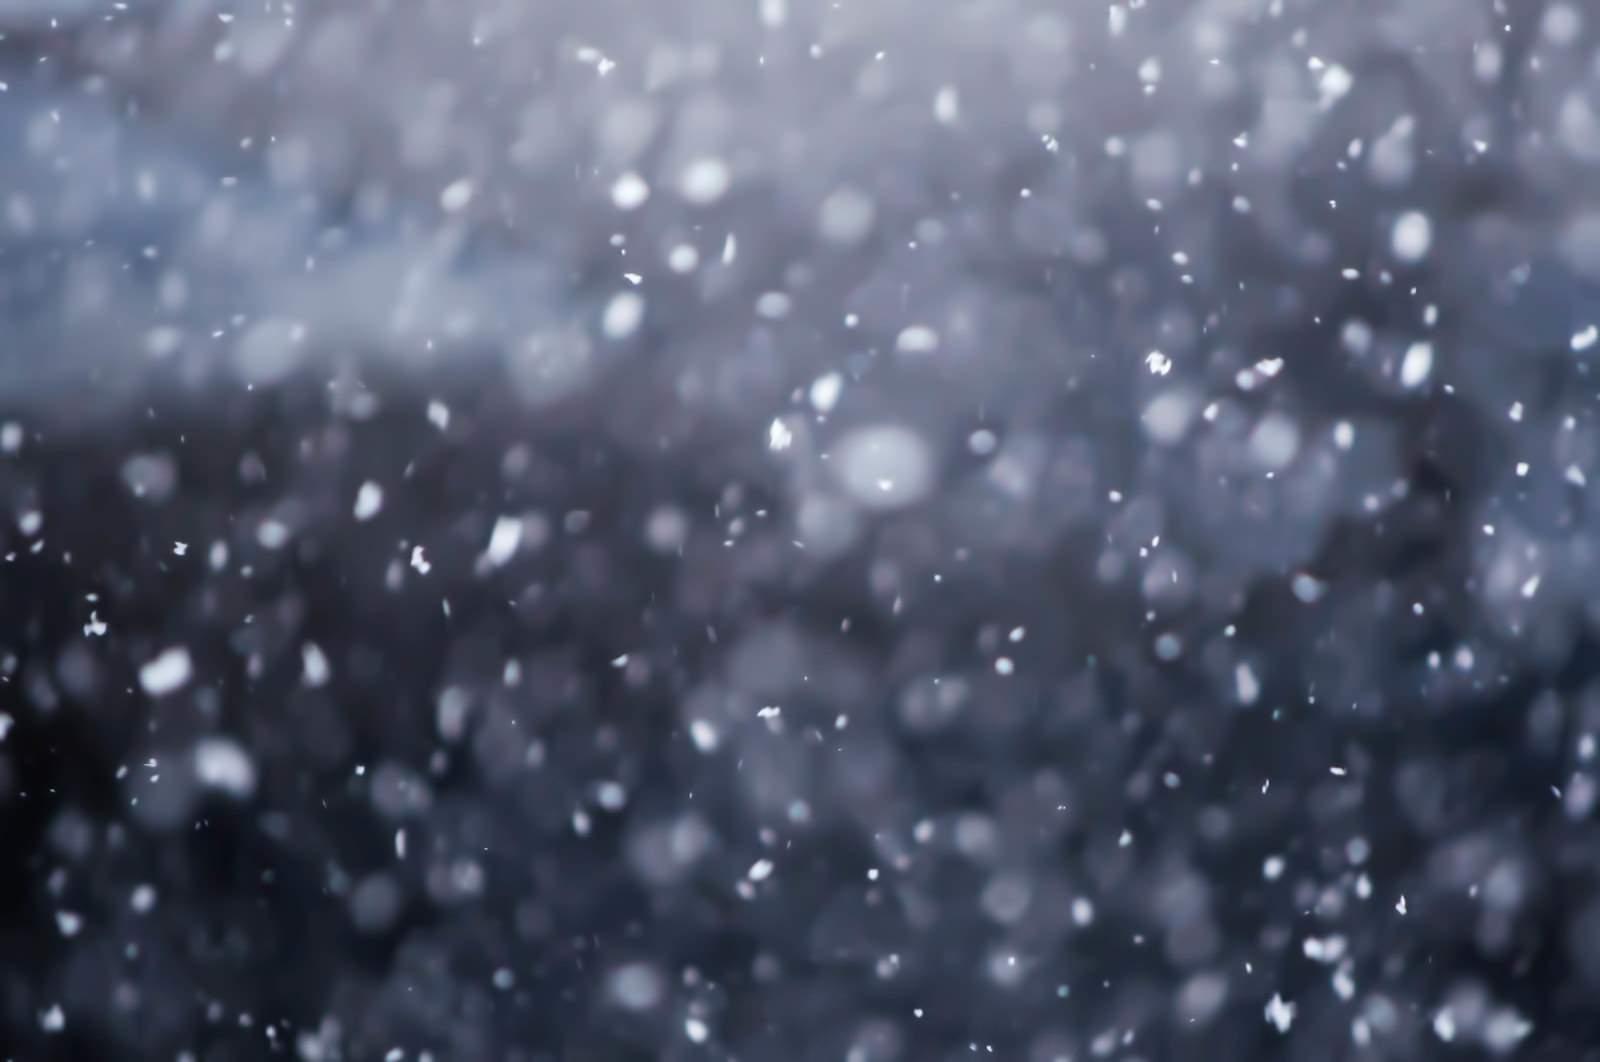 「雪が舞う雪が舞う」のフリー写真素材を拡大